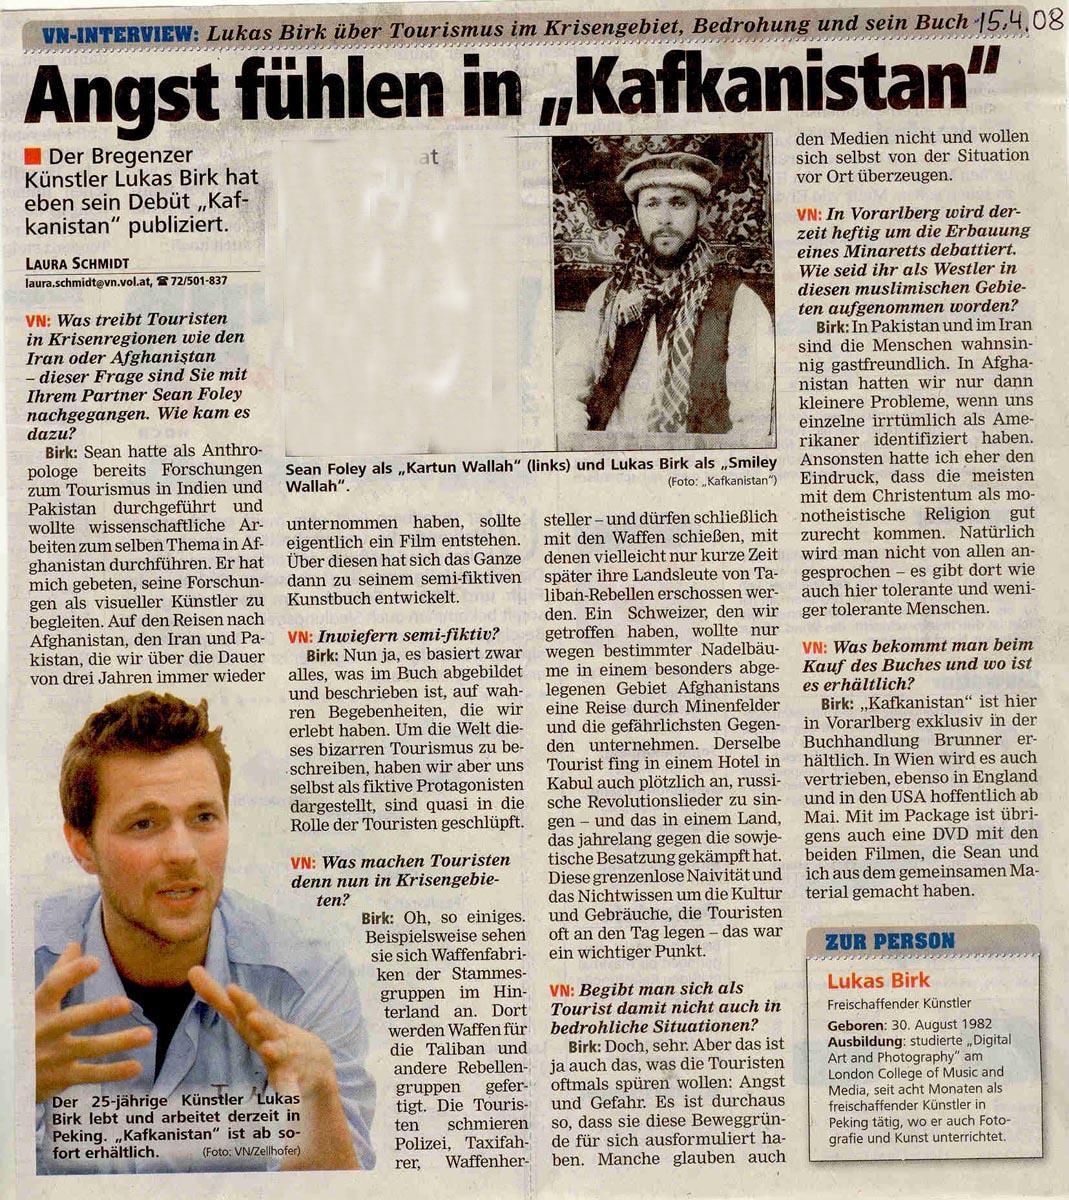 Kafkanistan VN 15.4.2008